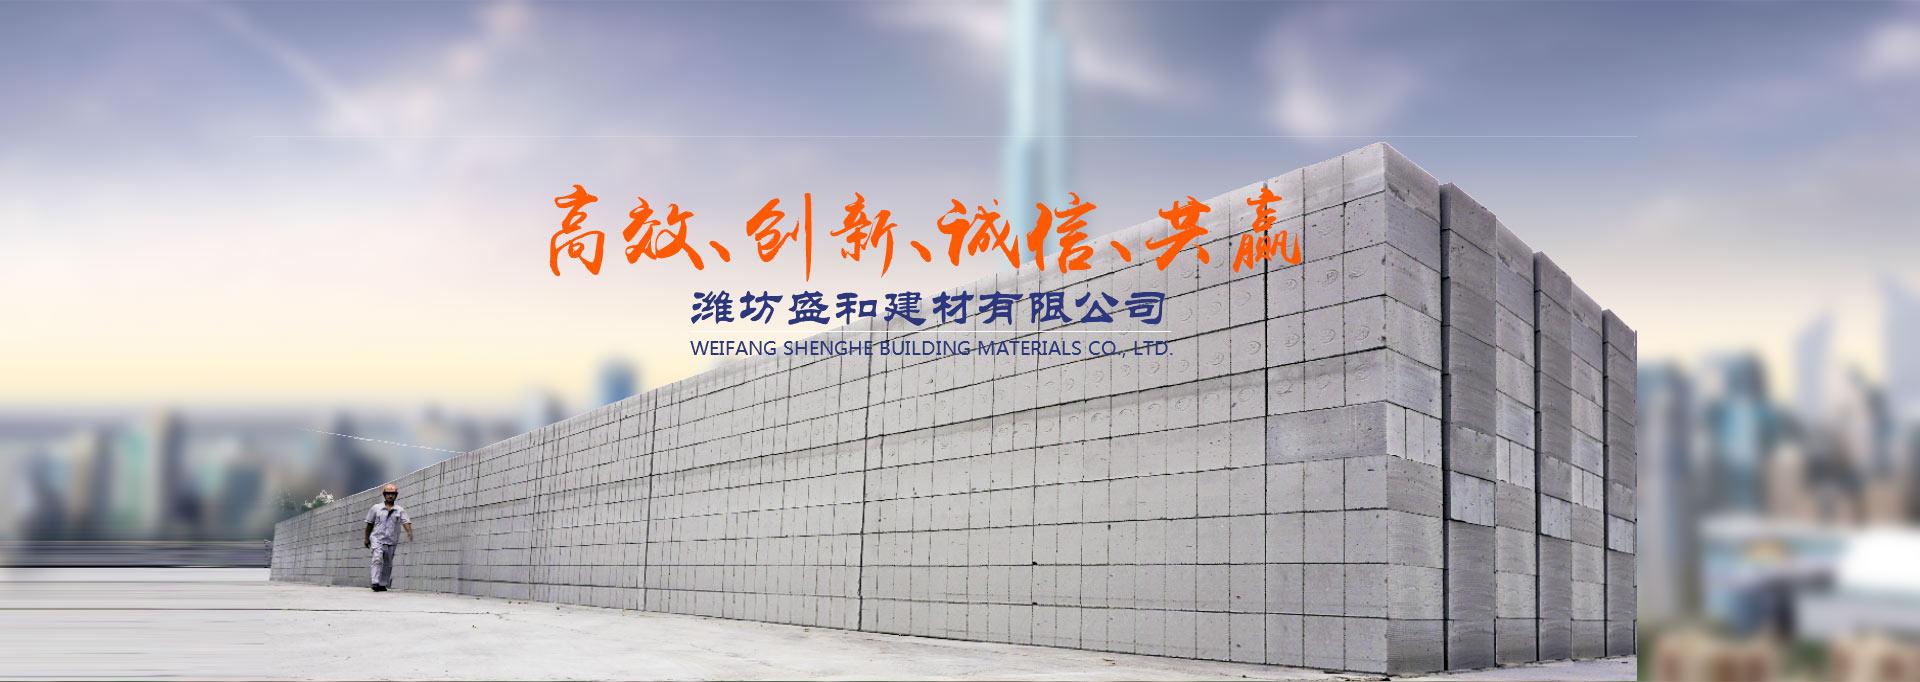 潍坊盛和建材有限公司